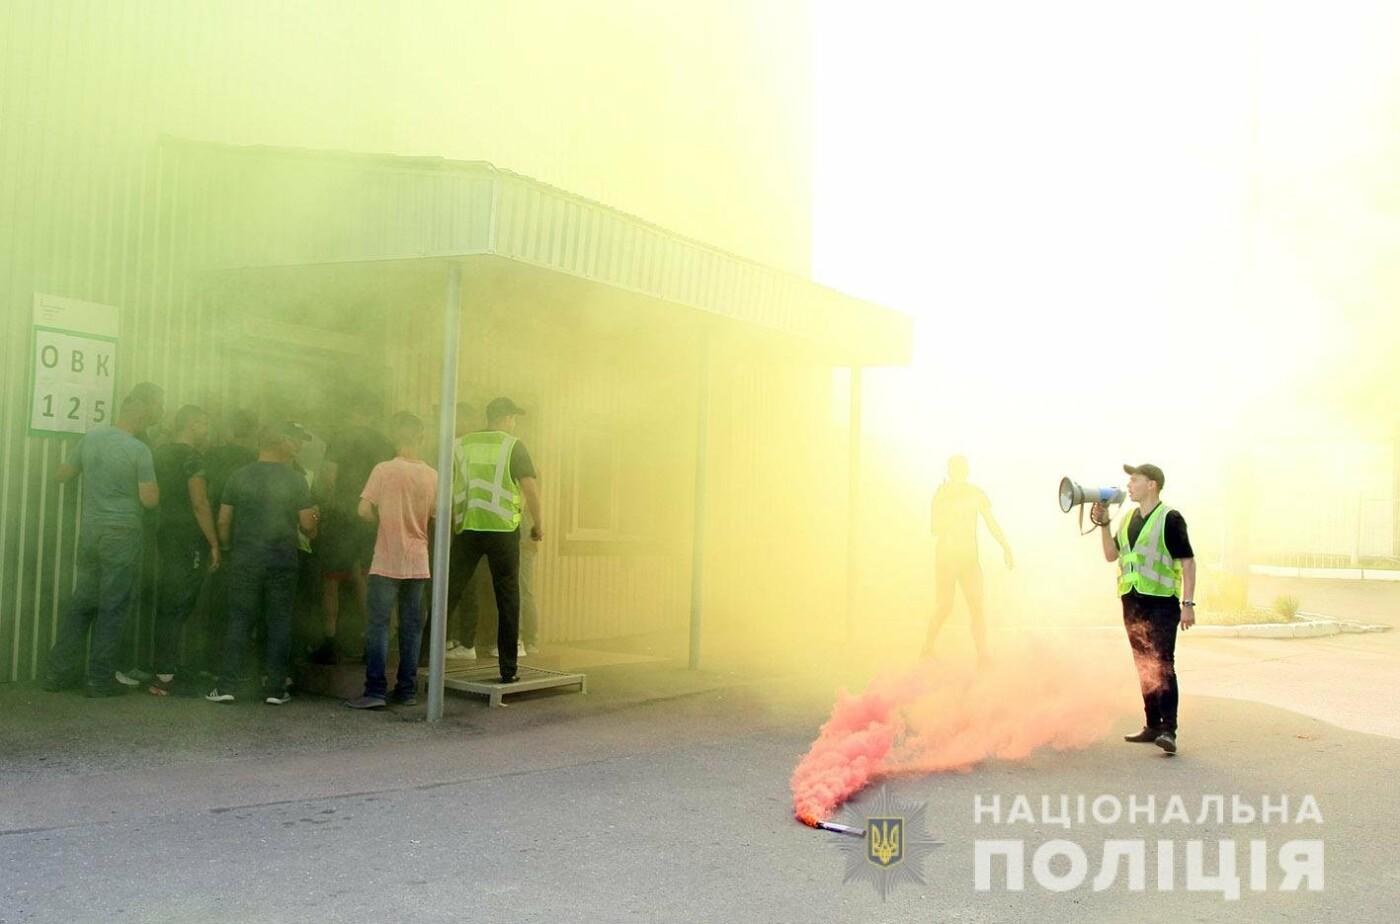 У Хмельницькому правоохоронці продовжують підготовку до забезпечення публічної безпеки і порядку під час виборів , фото-10